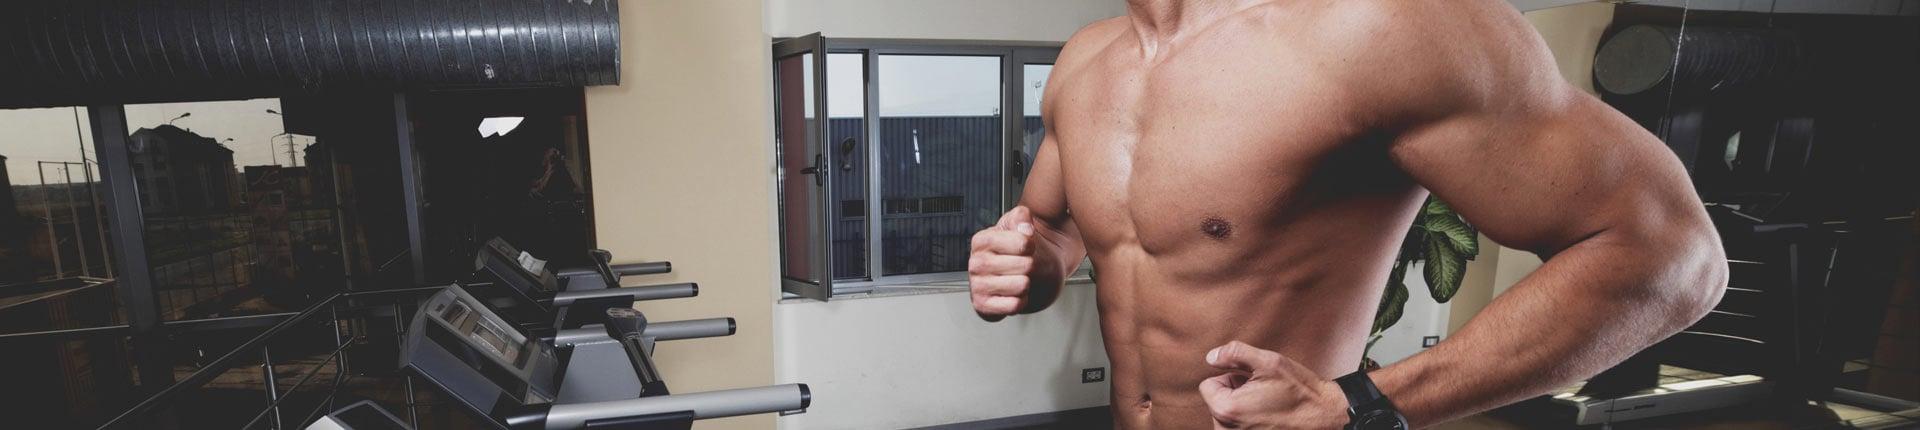 Bieganie i siłownia: jak rozpisać plan treningowy